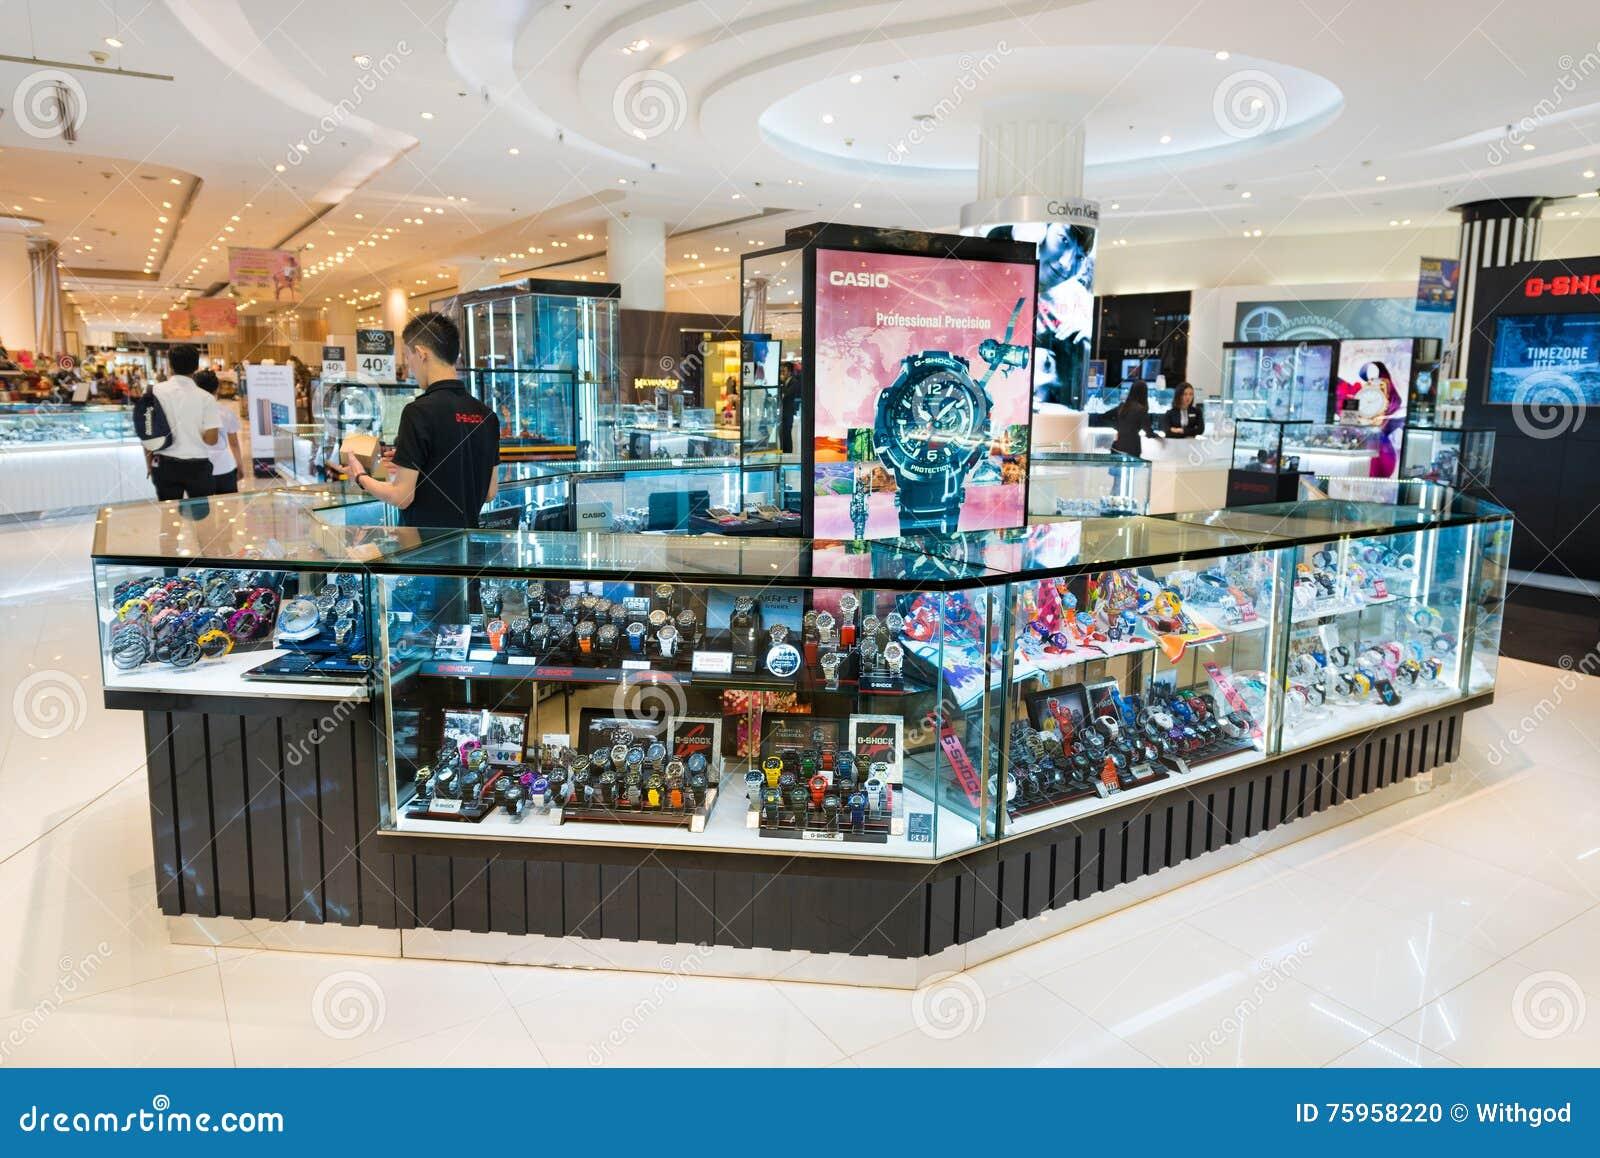 e227d142747 Casio Shop In Siam Paragon Mall